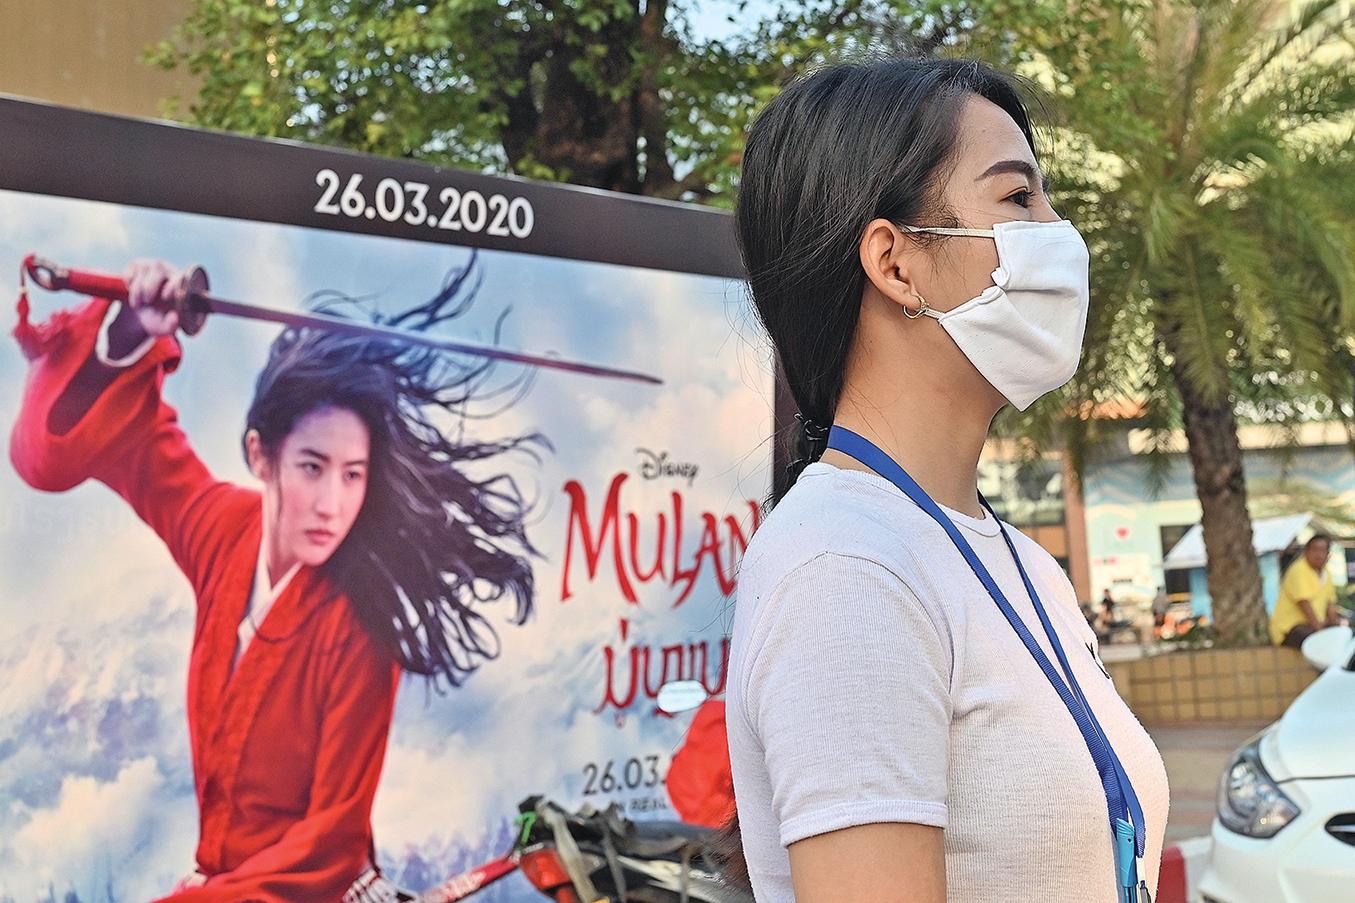 迪士尼真人版電影《花木蘭》(Mulan)9月4日在台灣上映,因影片女主角劉亦菲曾高調撐港警,故引發支持香港民主運動的台灣網民抵制該片。